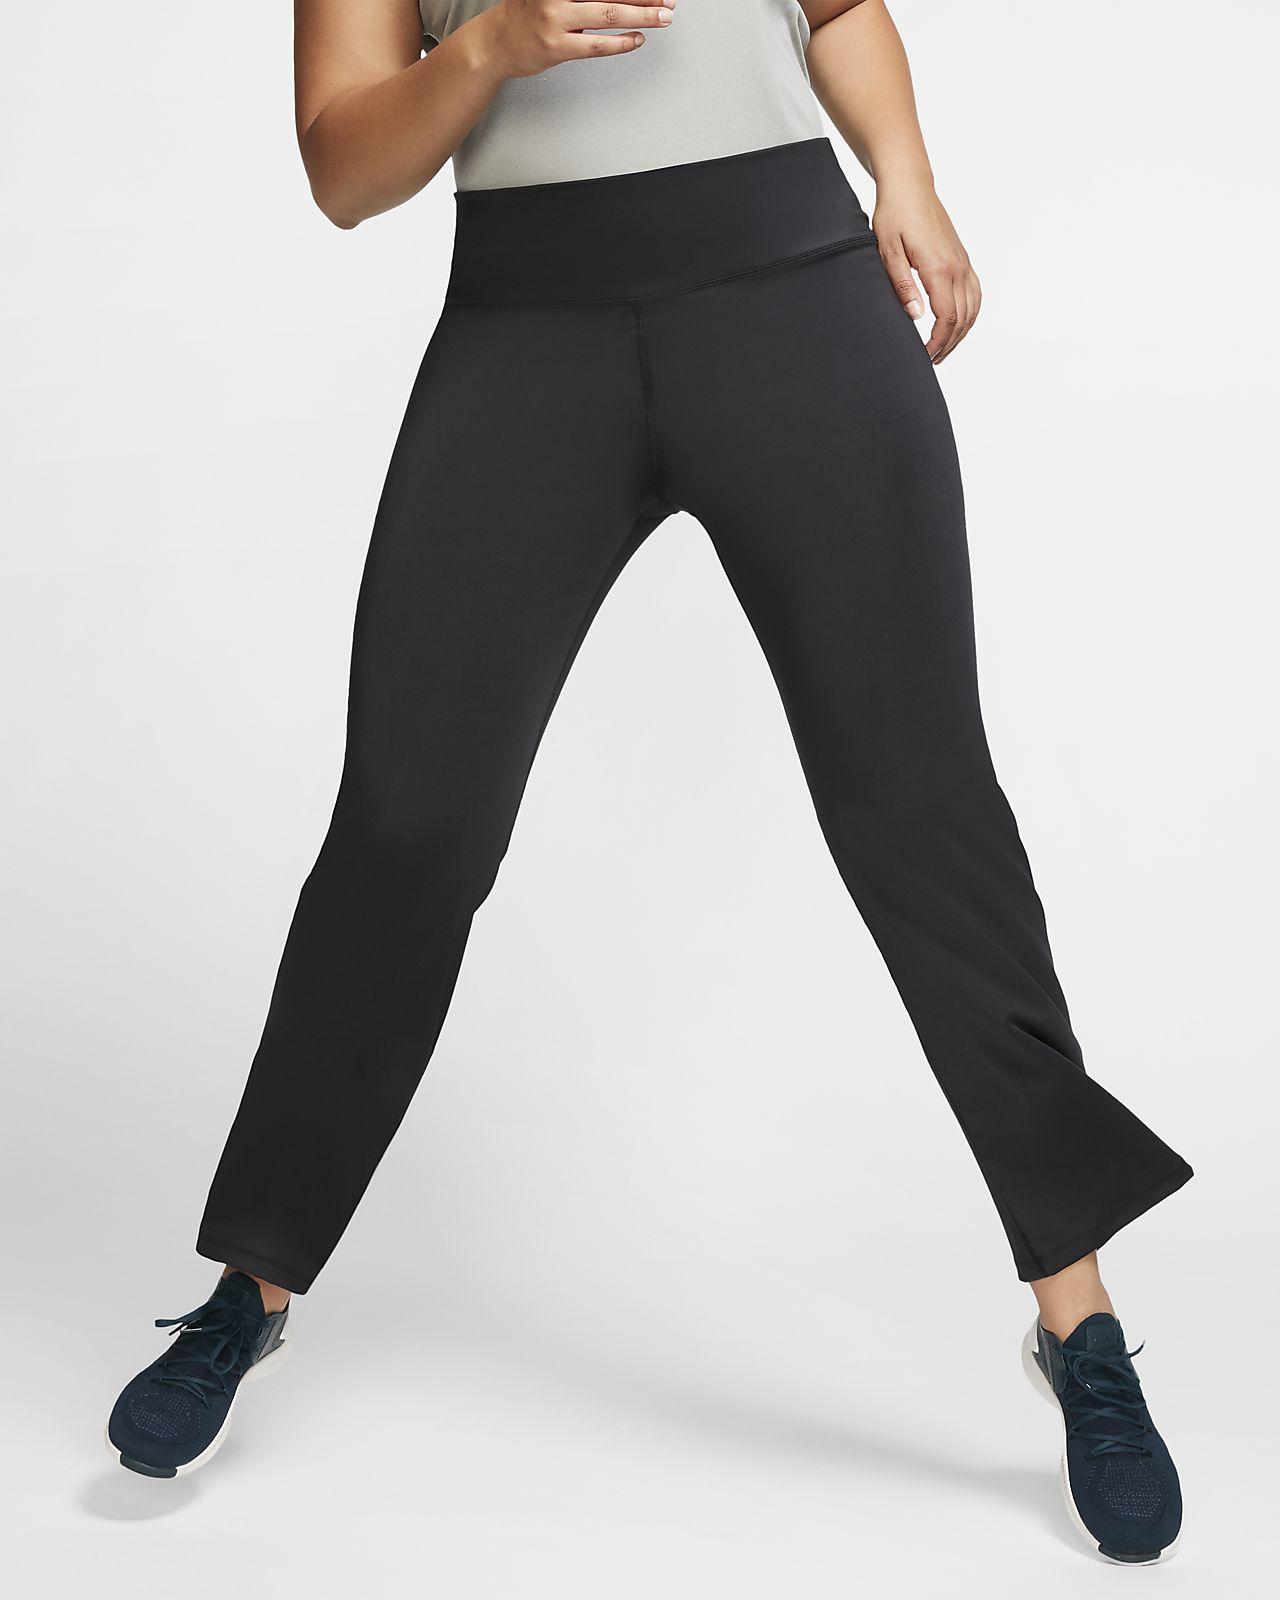 Nike Power-træningsbukser (Plus Size) til kvinder